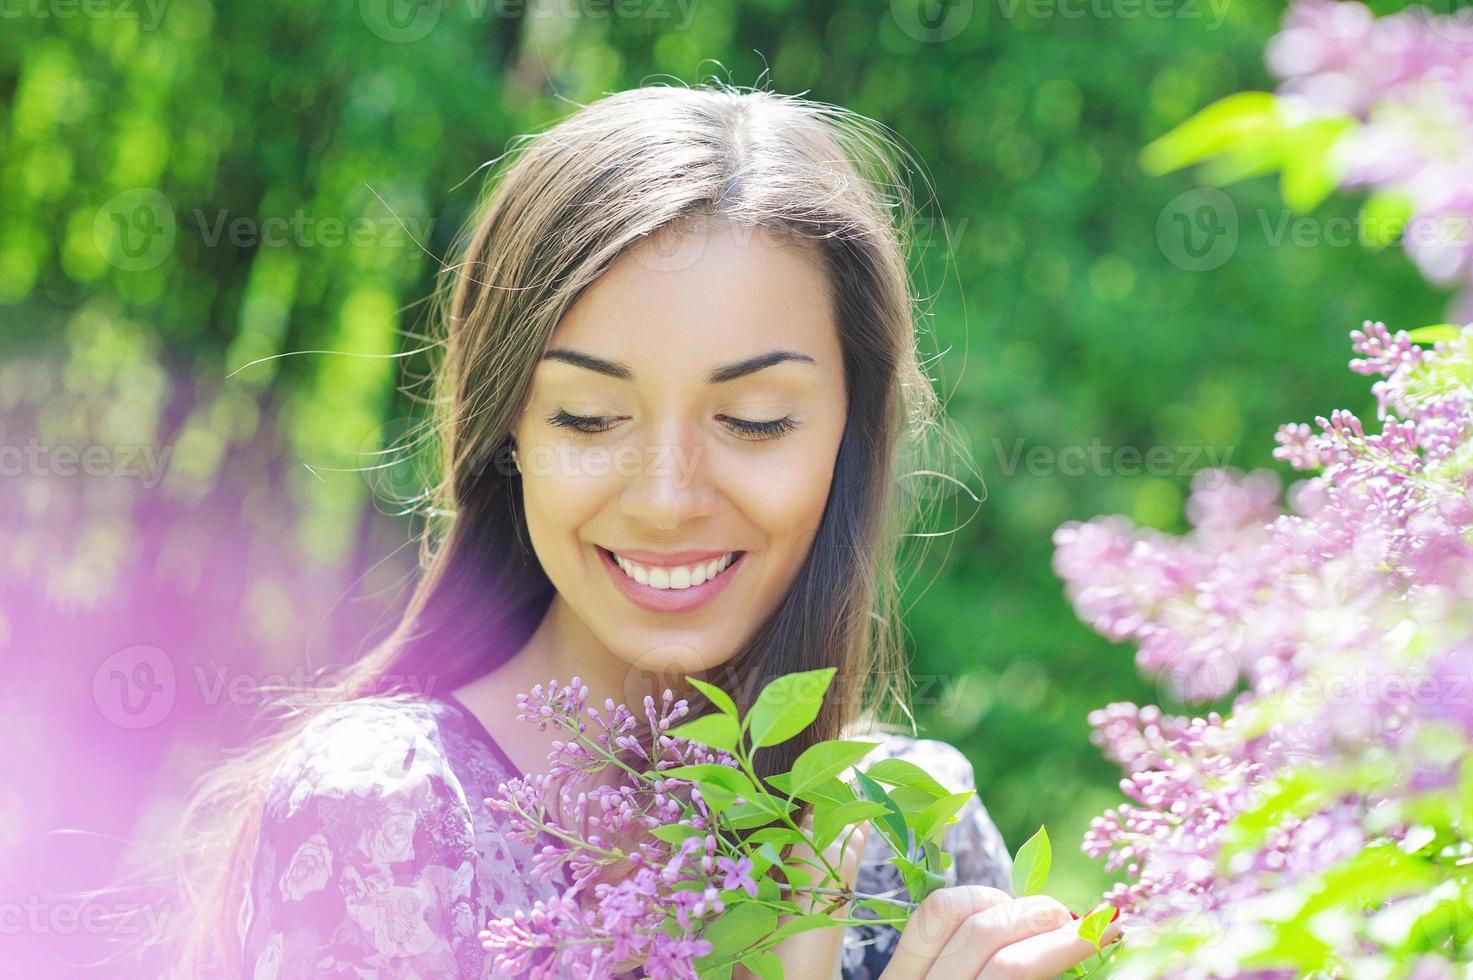 mulher jovem e bonita no jardim primavera foto